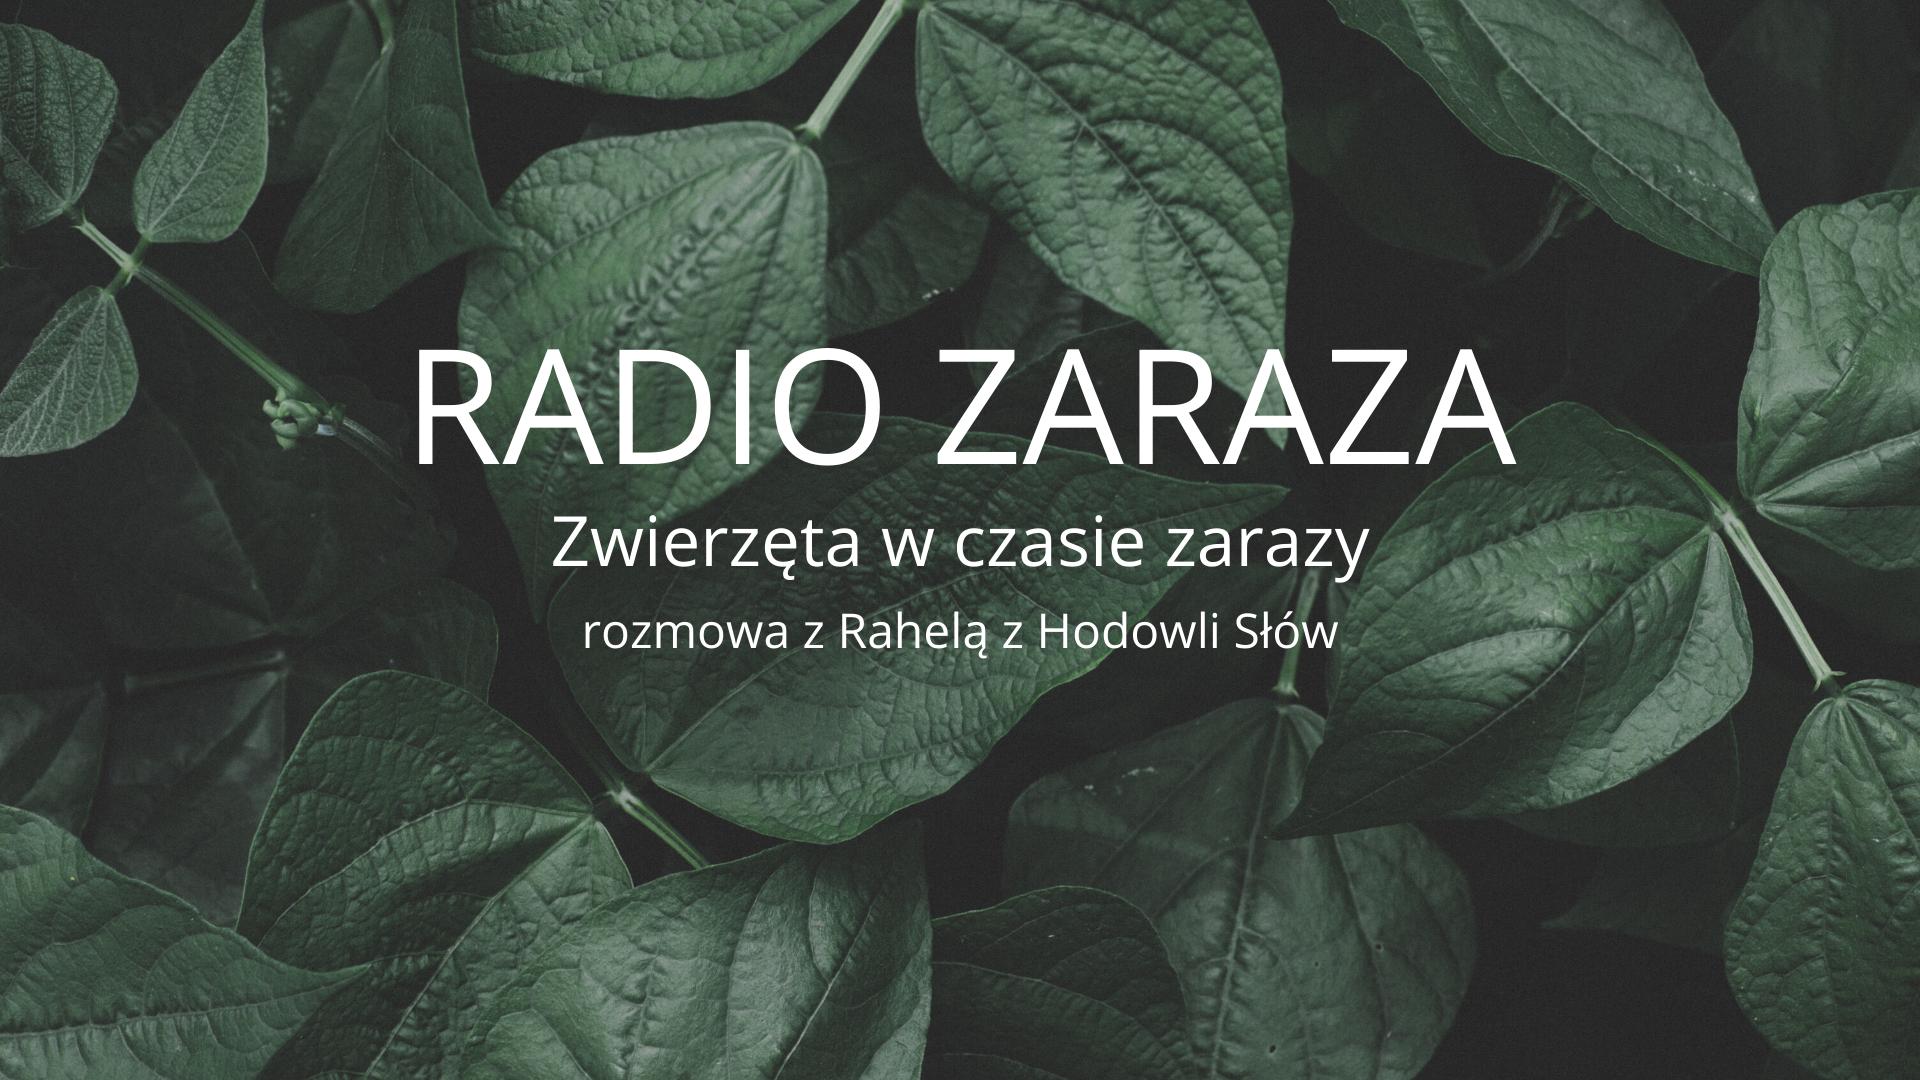 RADIO ZARAZA - Zwierzęta w czasie zarazy. Czyli wtem, jest podcast!